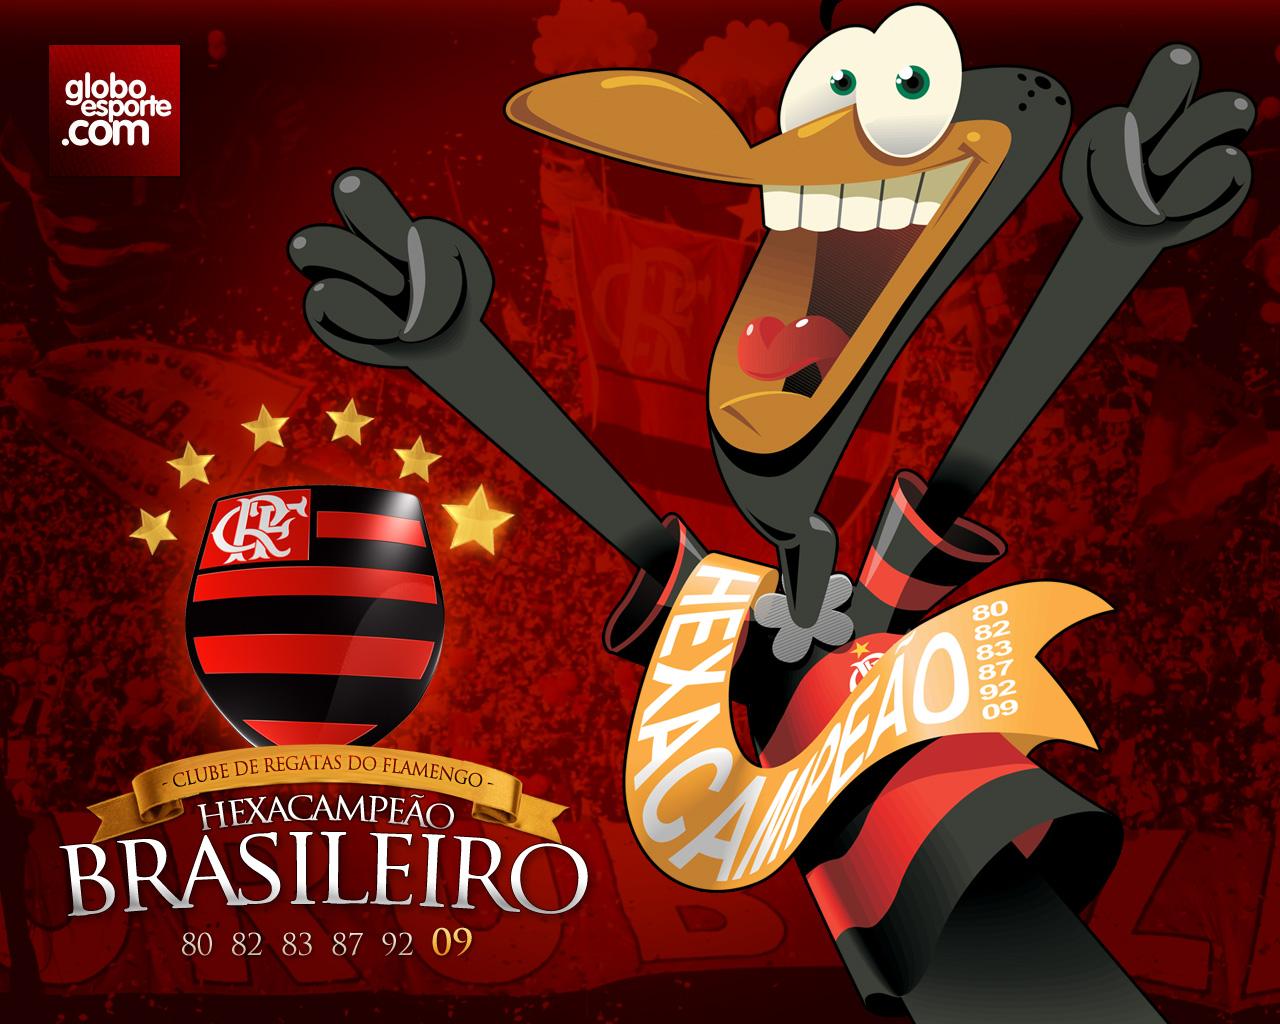 http://2.bp.blogspot.com/-9QNpNNCyyfY/UOYazbilCVI/AAAAAAABGMs/SpgzouNA2S4/s1600/wallpaper-+Flamengo+-wallpaper+(25).jpg